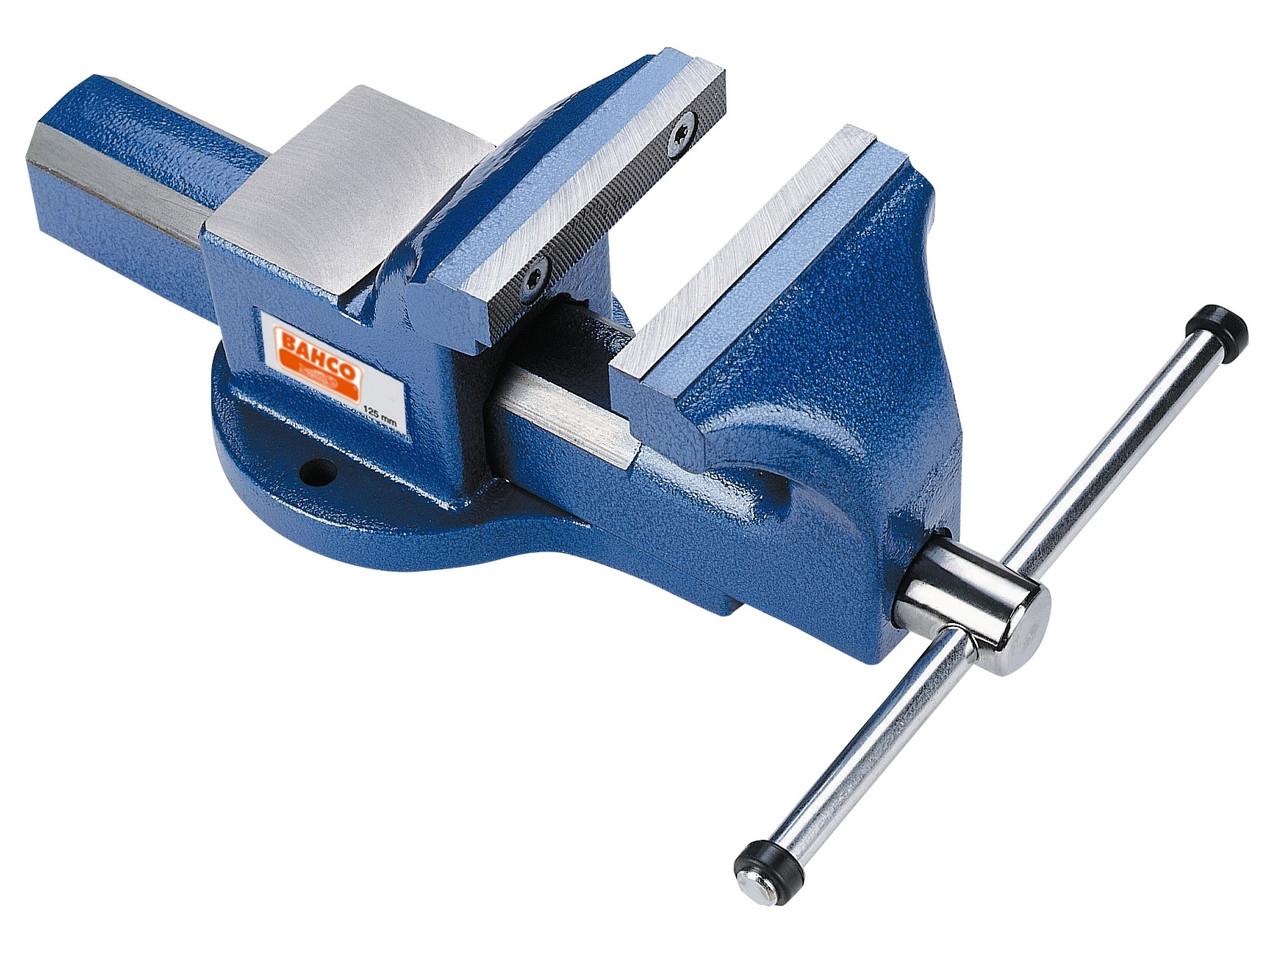 Высокопрочные параллельные верстачные тиски, длина изделия - 325 мм, Bahco, 607201000